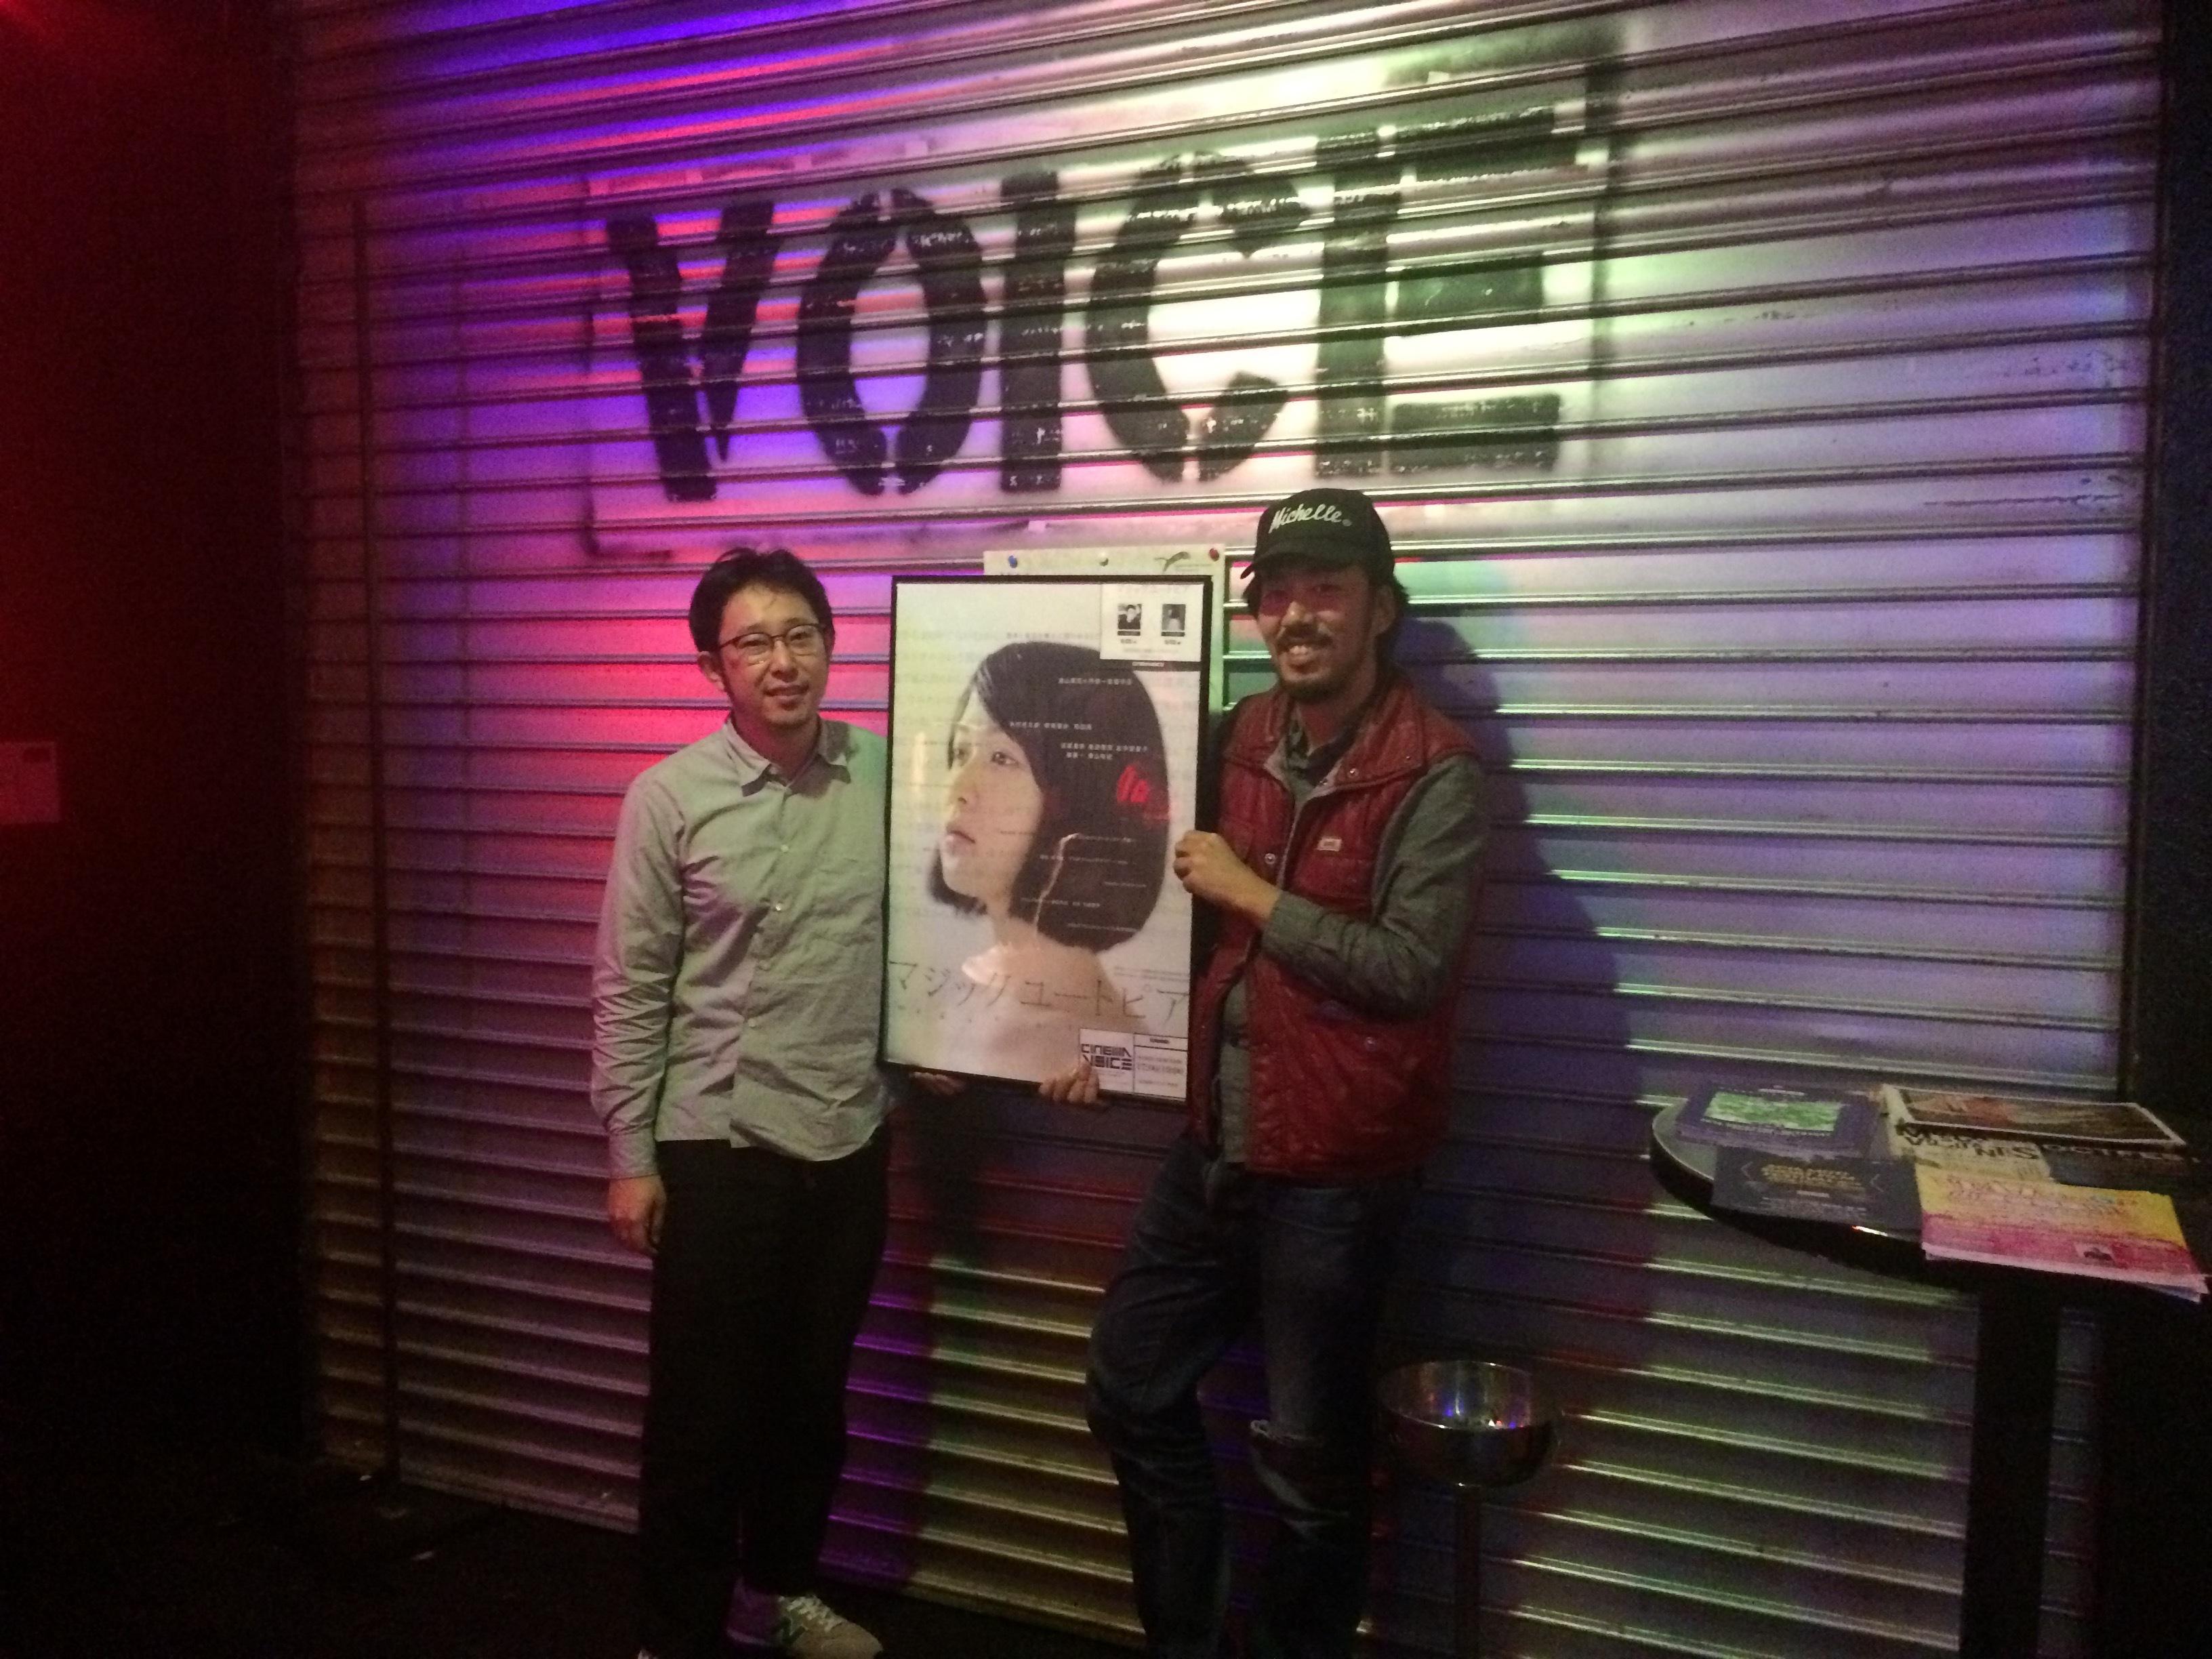 左:遠山昇司 右:CINEMA VOICEの企画運営を行う映画監督の鈴木洋平さん